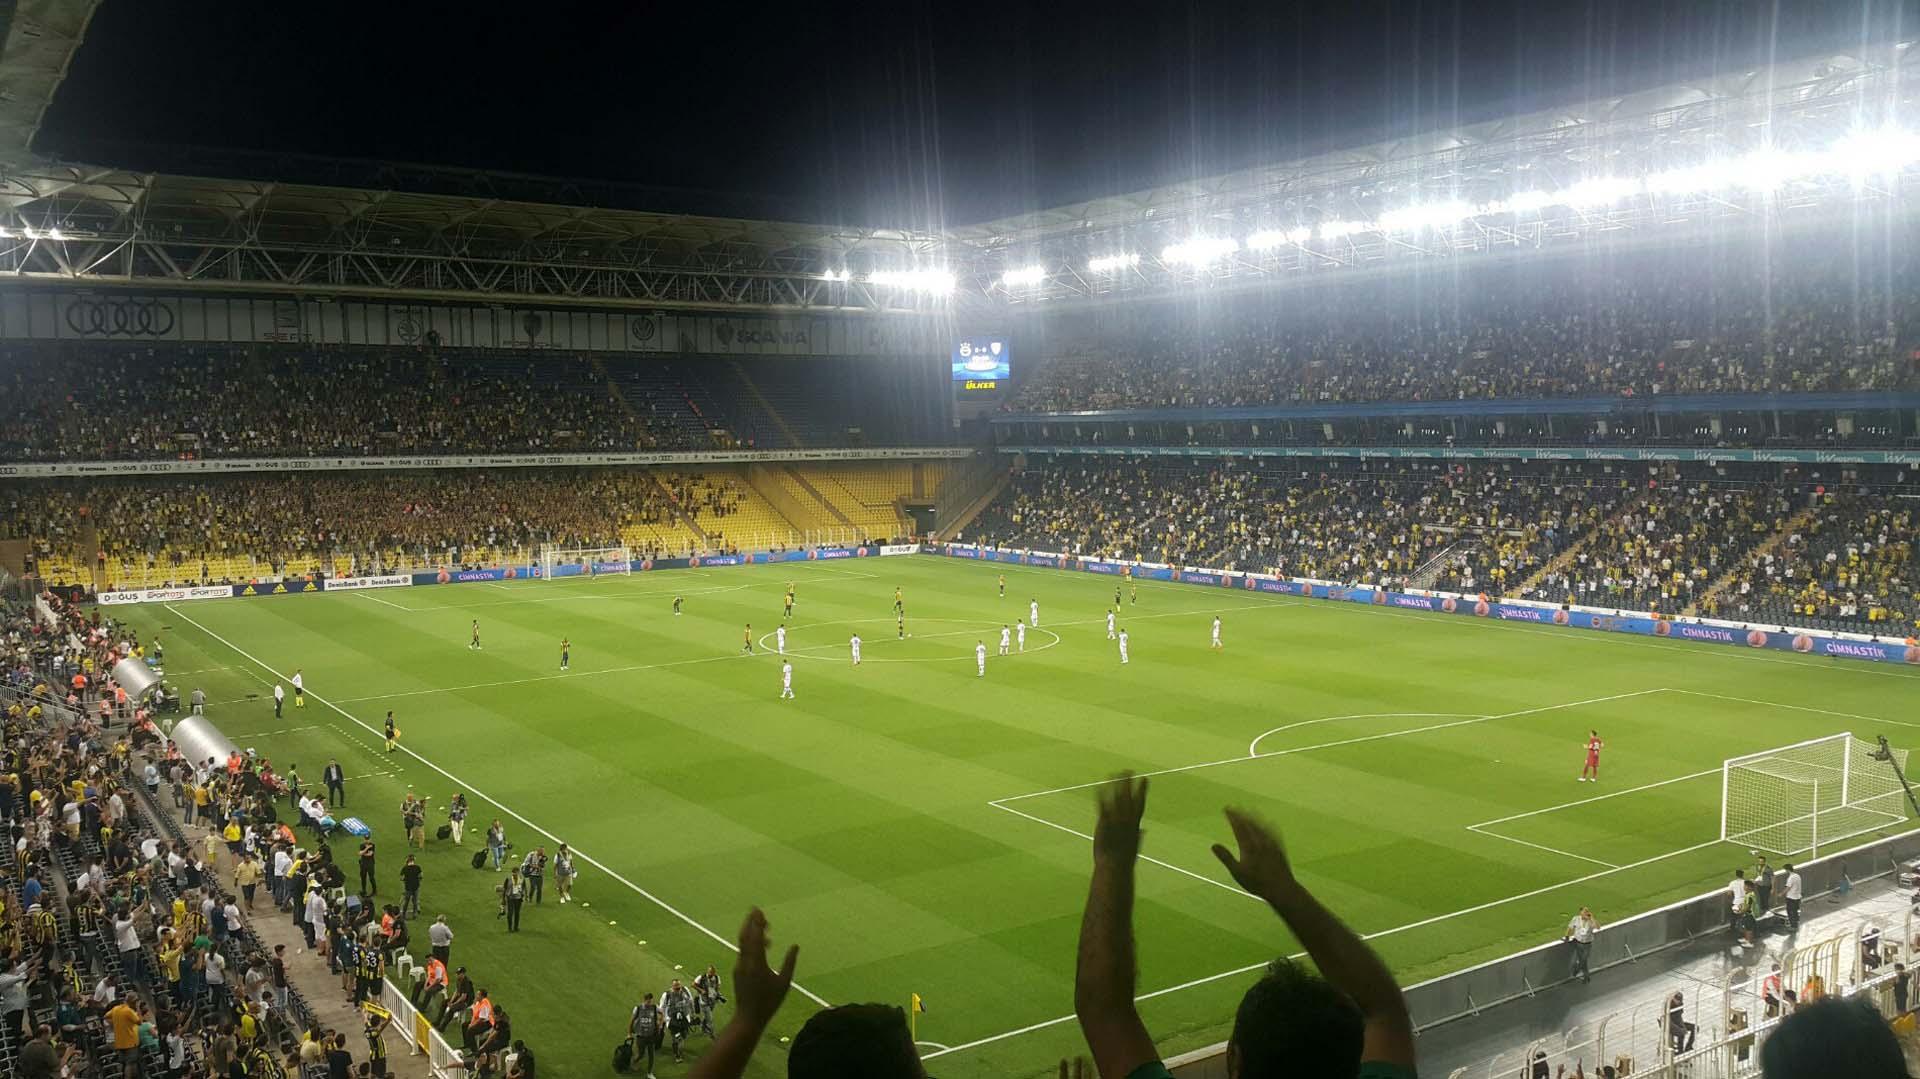 Son dakika | TFF'den futbolseverlere müjde: Maçlara yüzde 50 seyirci alınacak